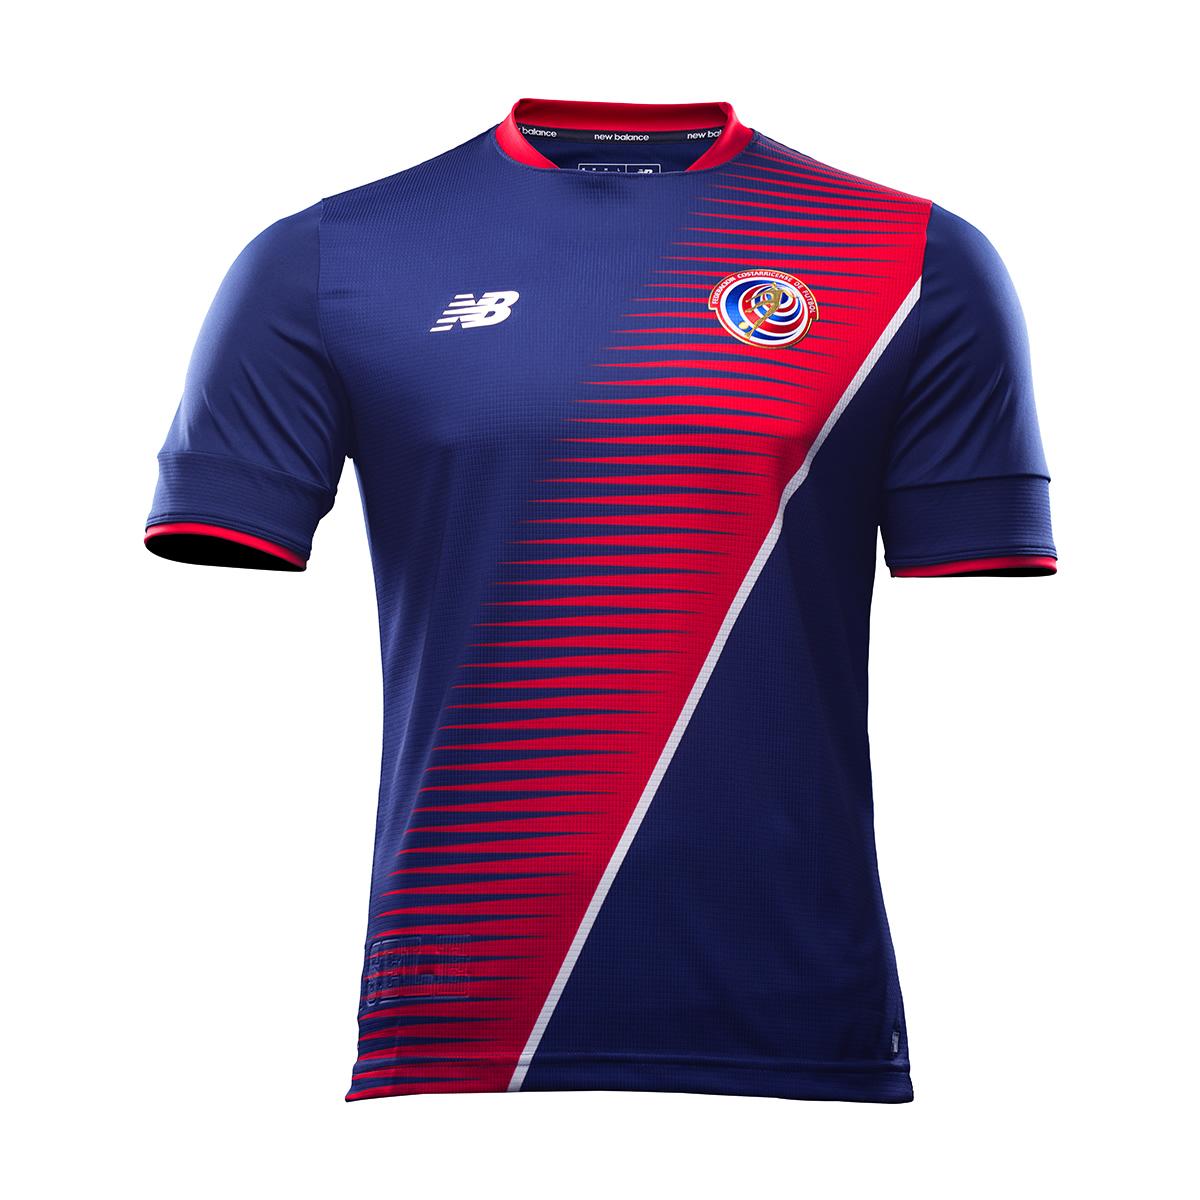 45d85a4ea new balance panama away jersey 2018